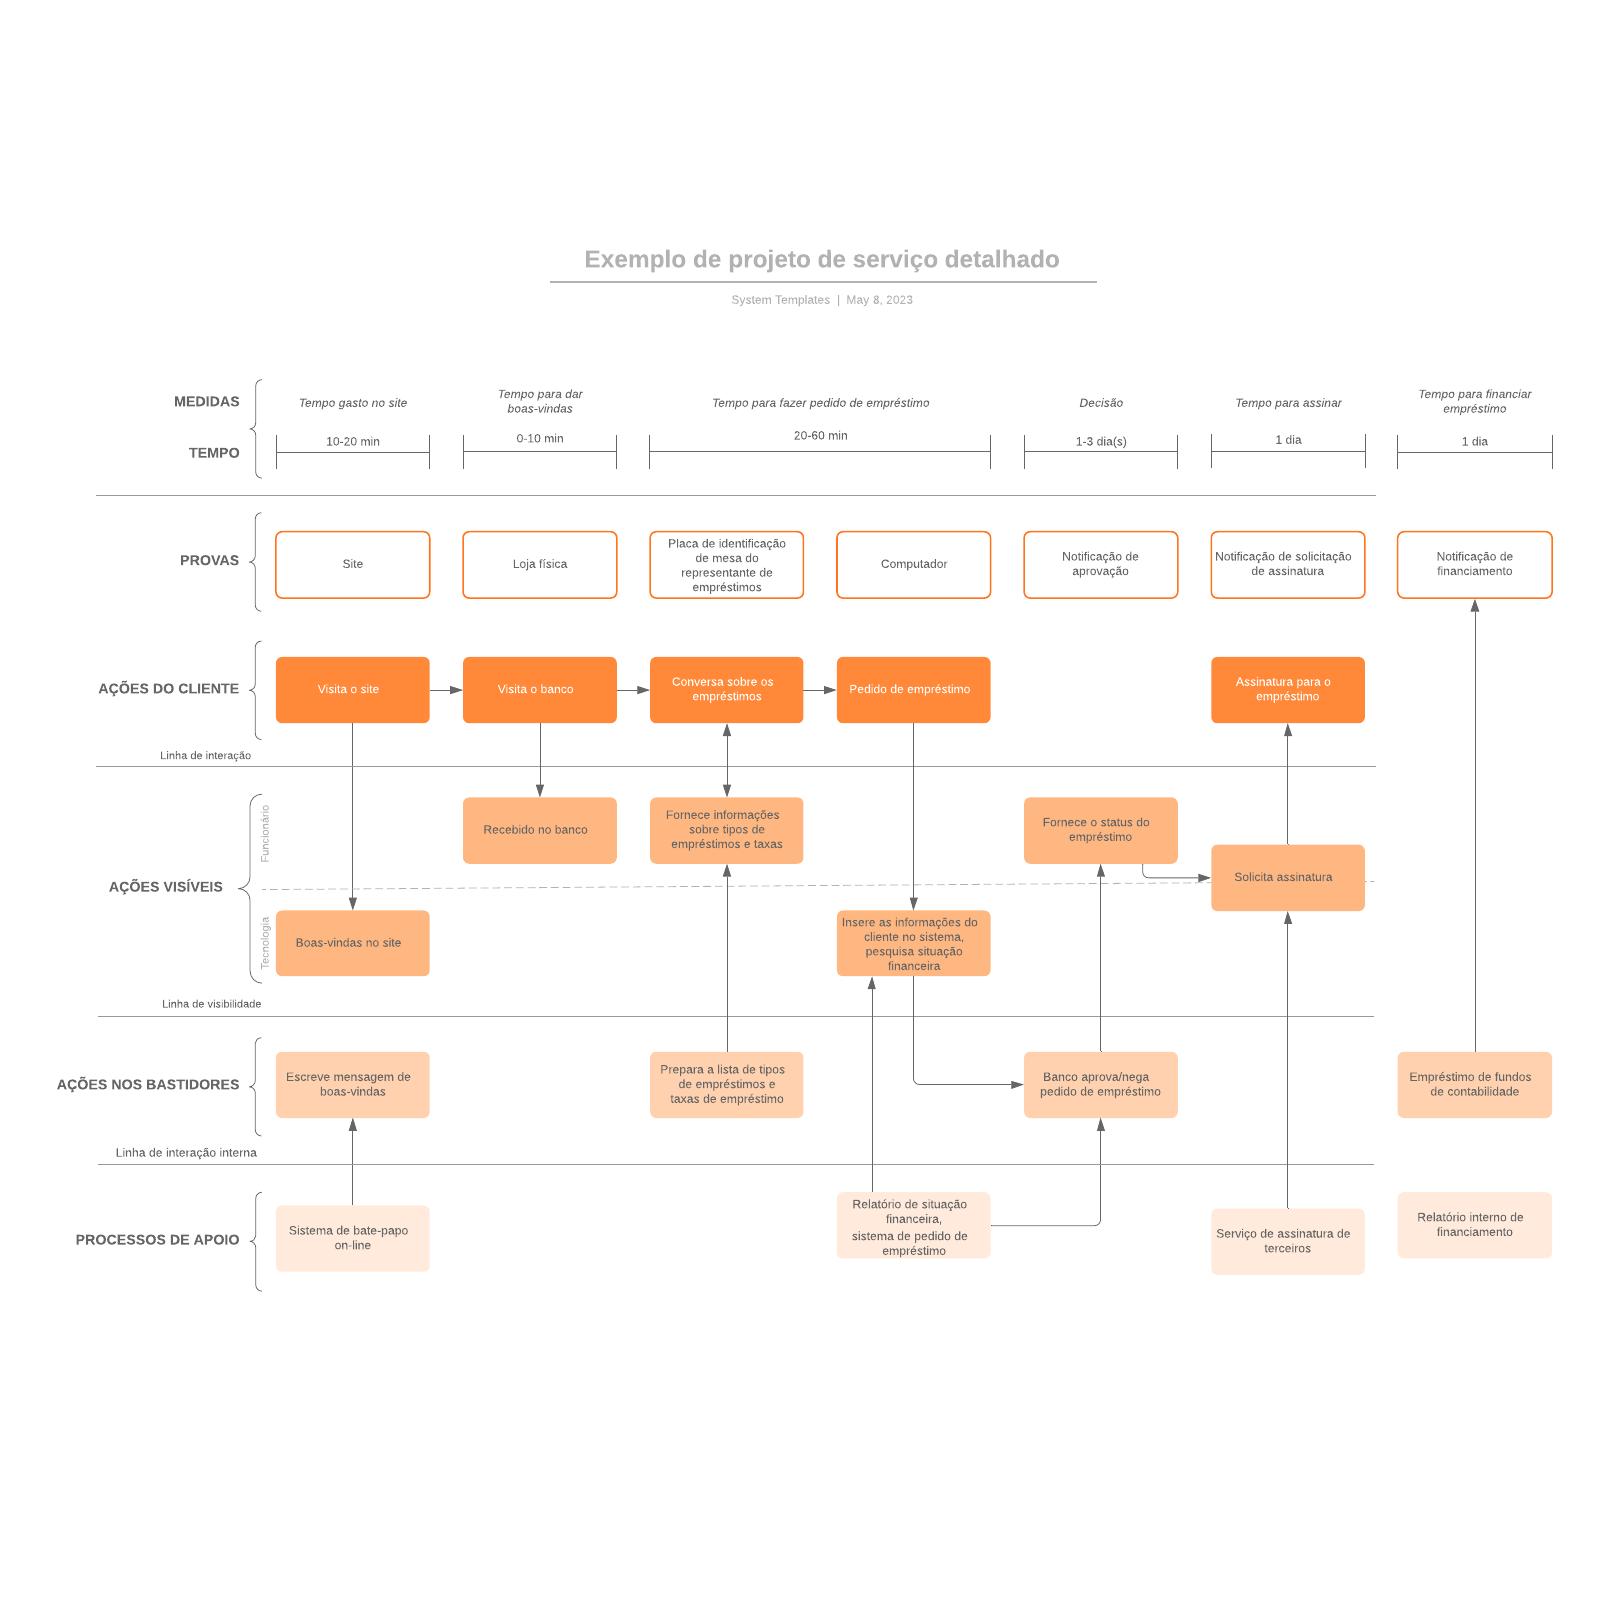 Exemplo de projeto de serviço detalhado